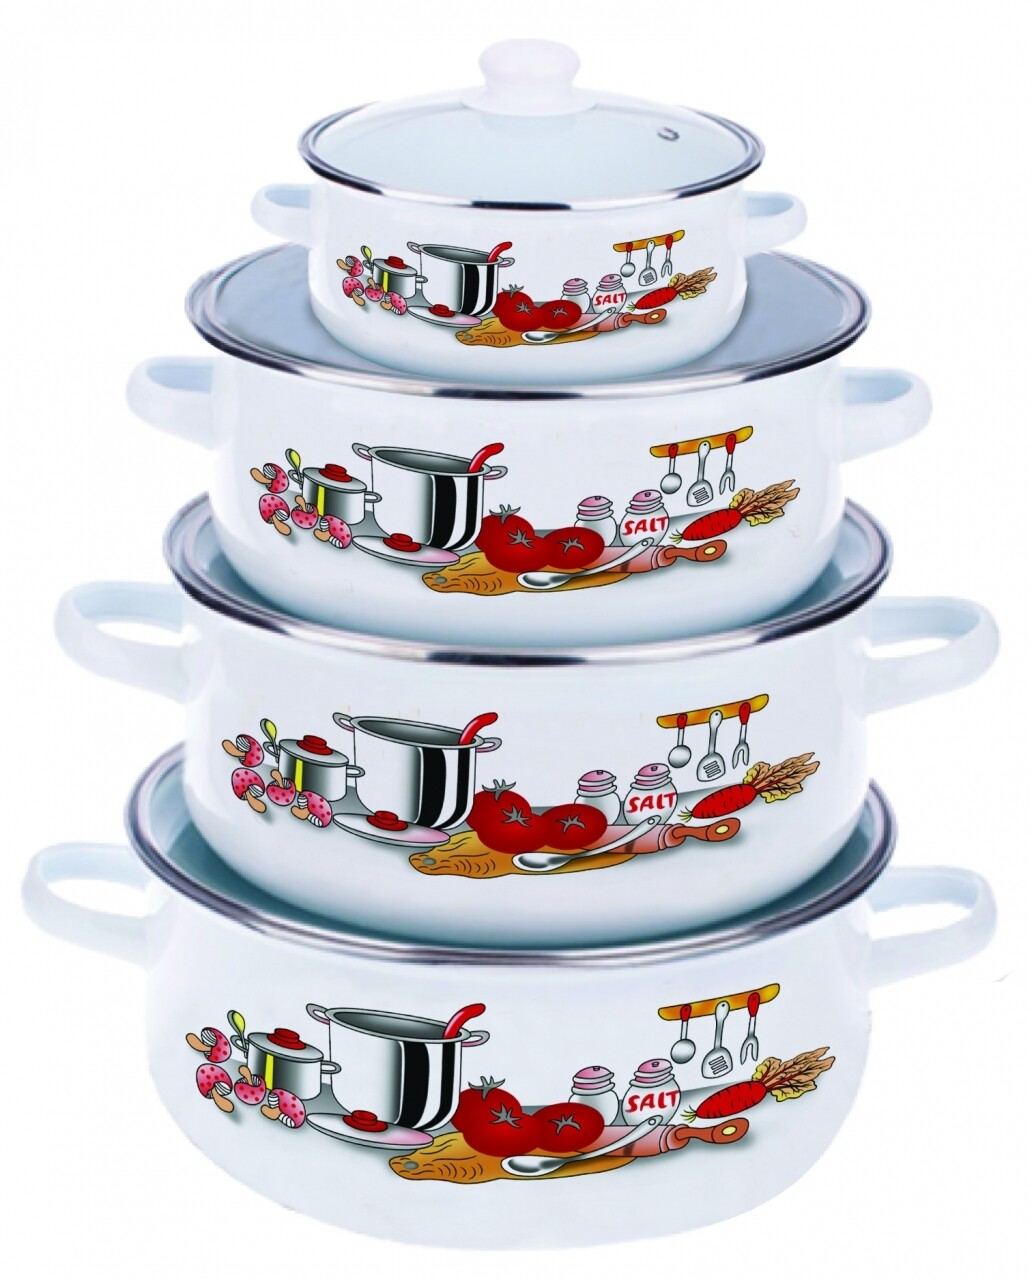 Set de gatit 8 piese, Kitchen, Vanora Home, 0.5l, 1.5l, 2l, 3l, otel carbon emailat si sticla, multicolor